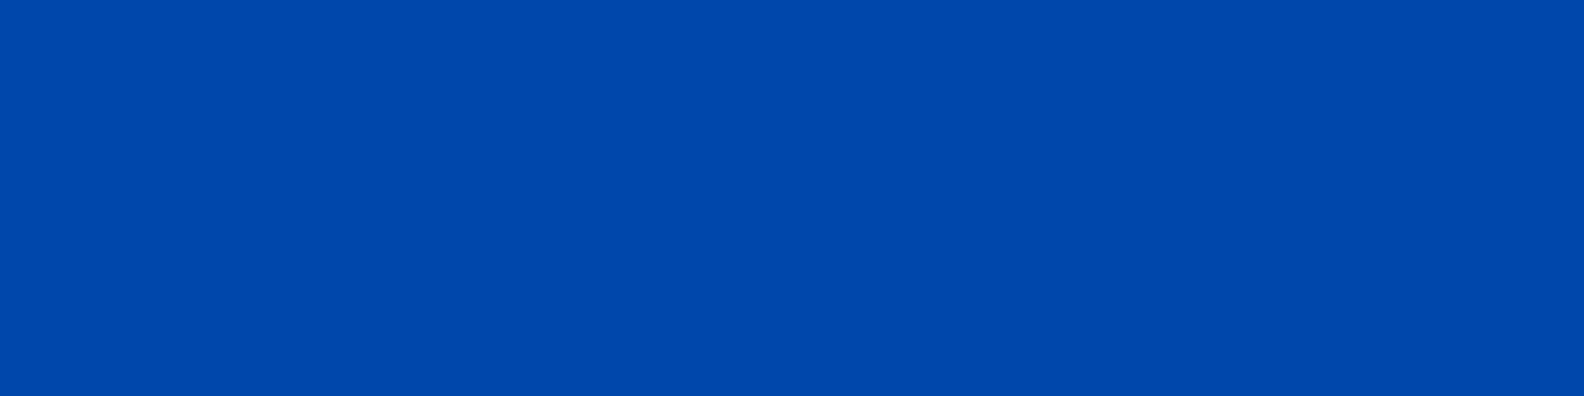 1584x396 Cobalt Solid Color Background